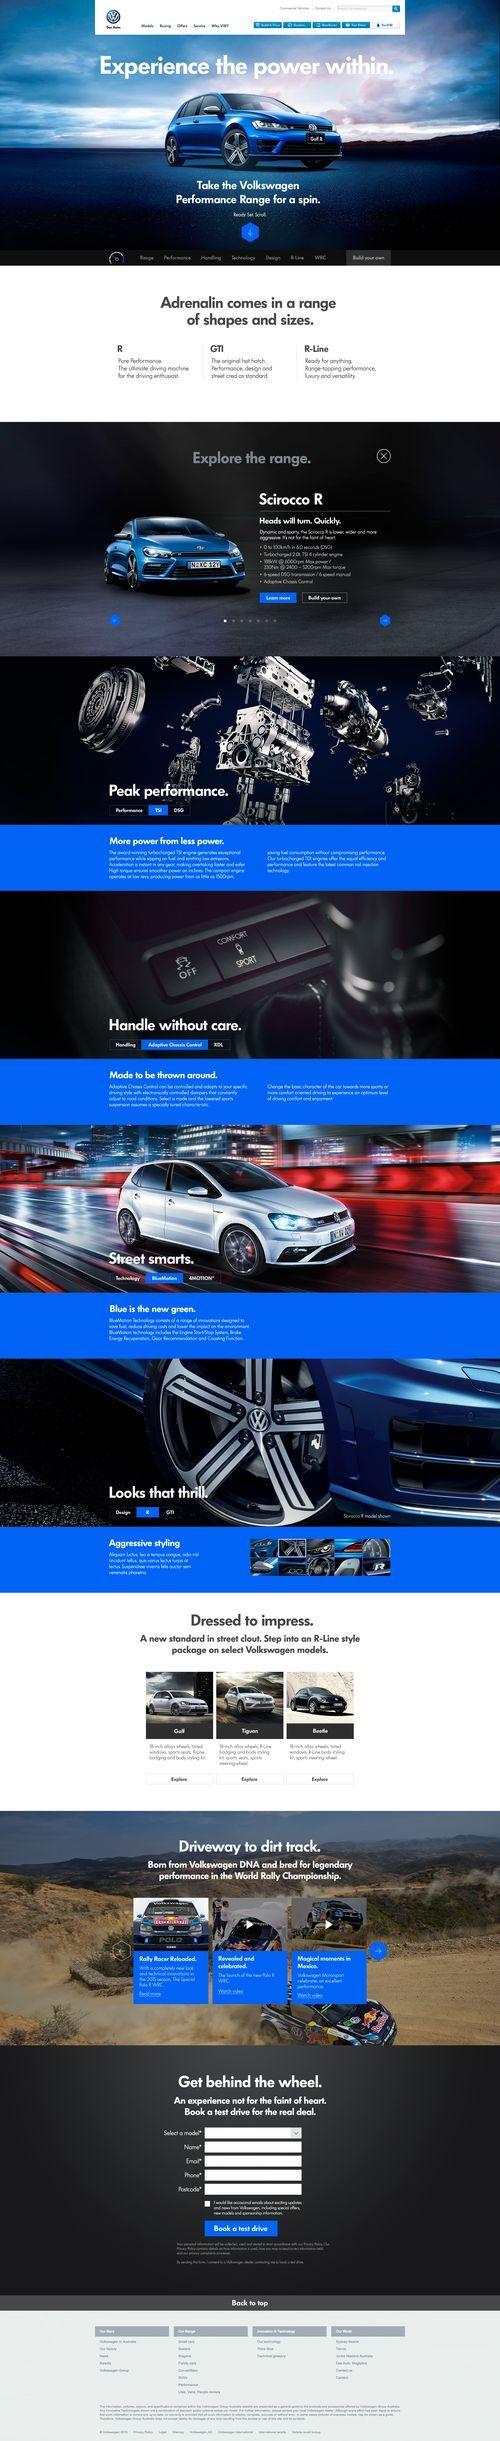 Automotive web design                                                                                                                                                                                 More